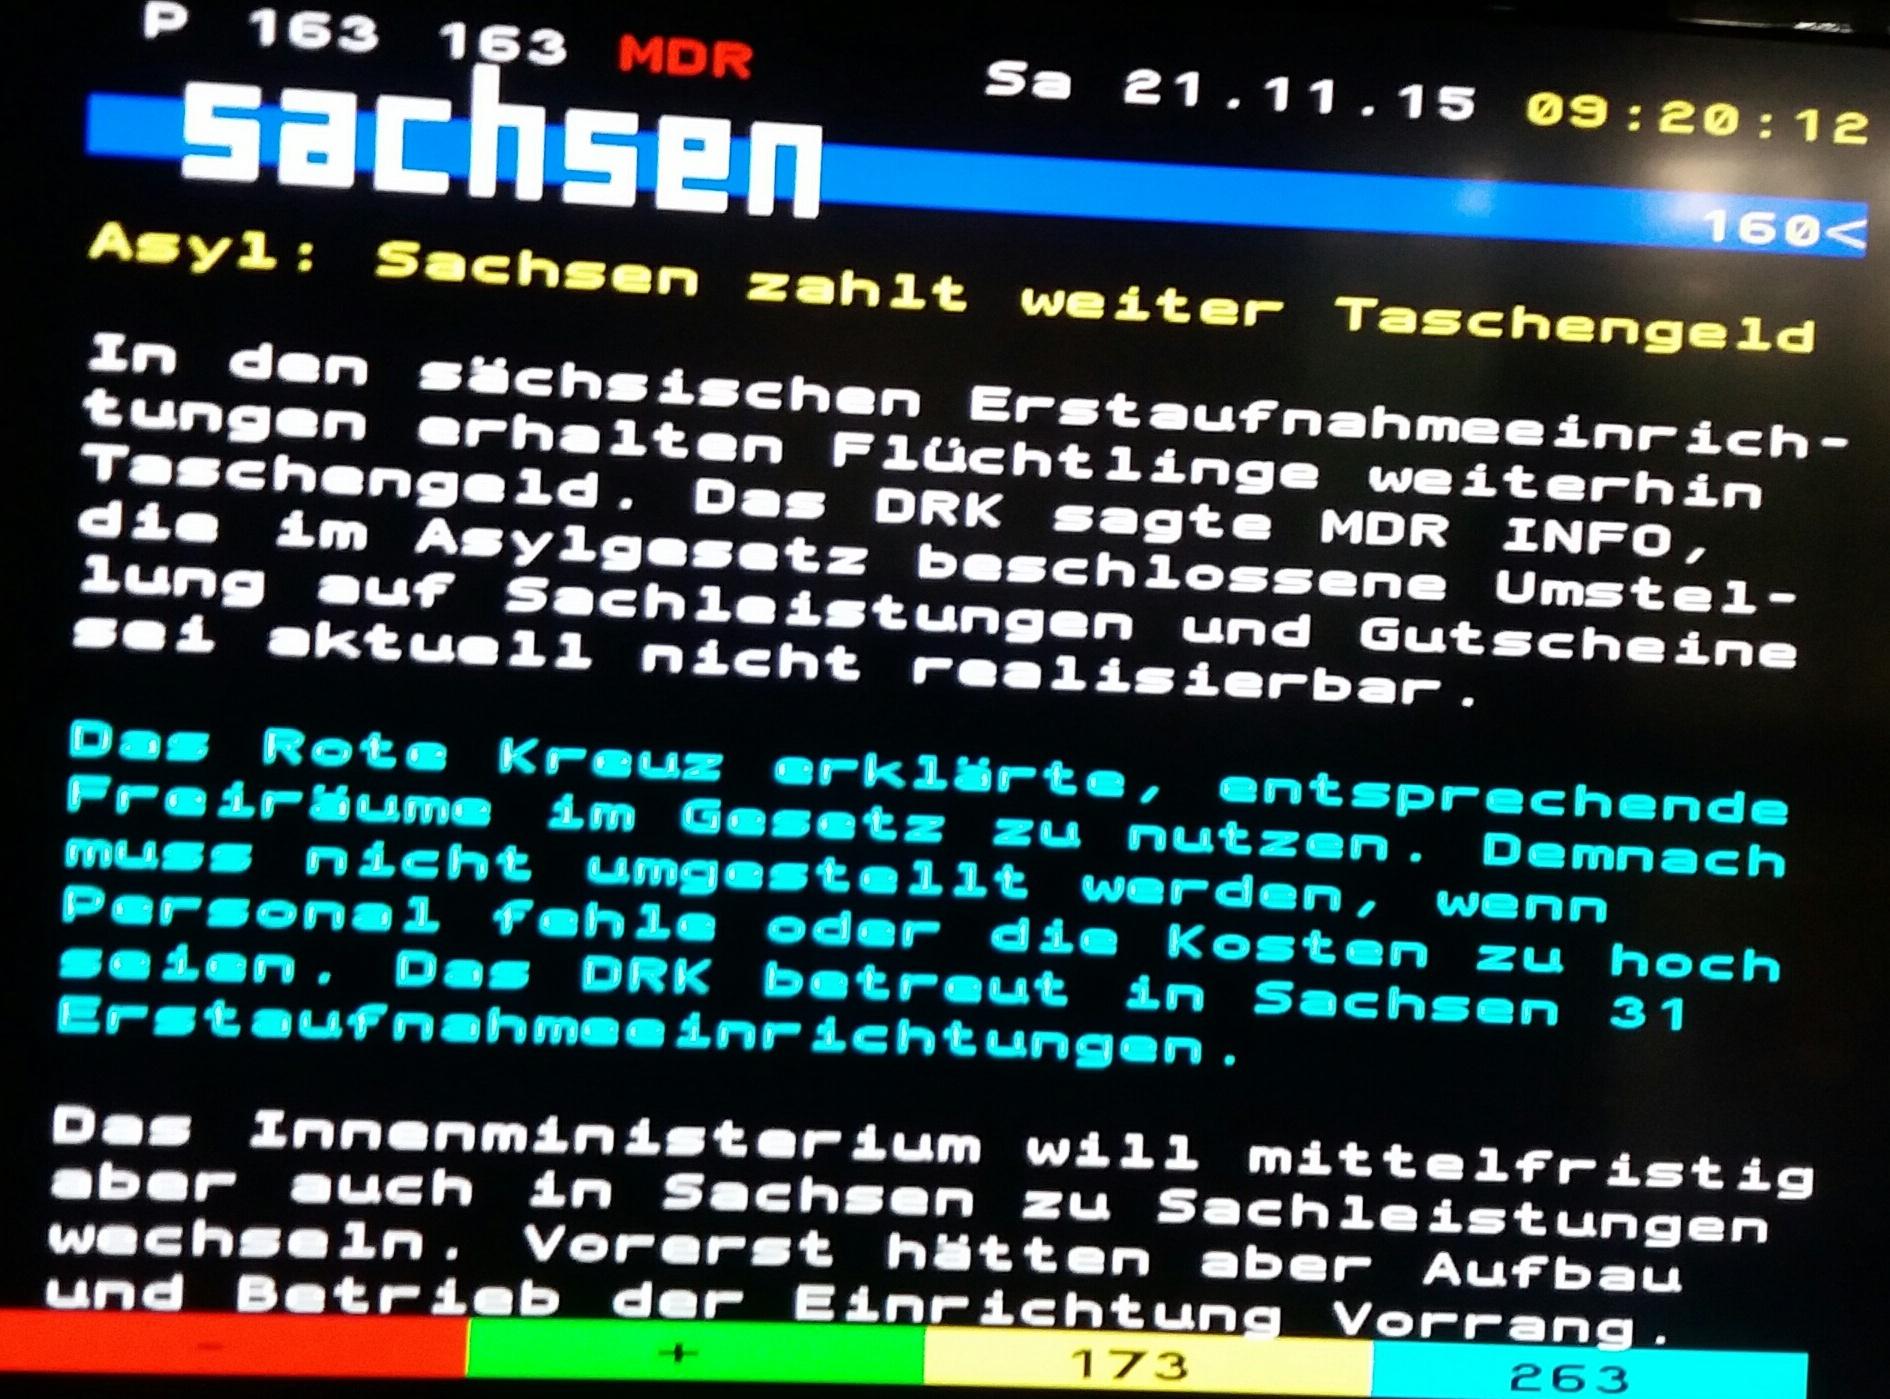 Reichsbürger-Sachsen2 Taschengeld Asylbewerber